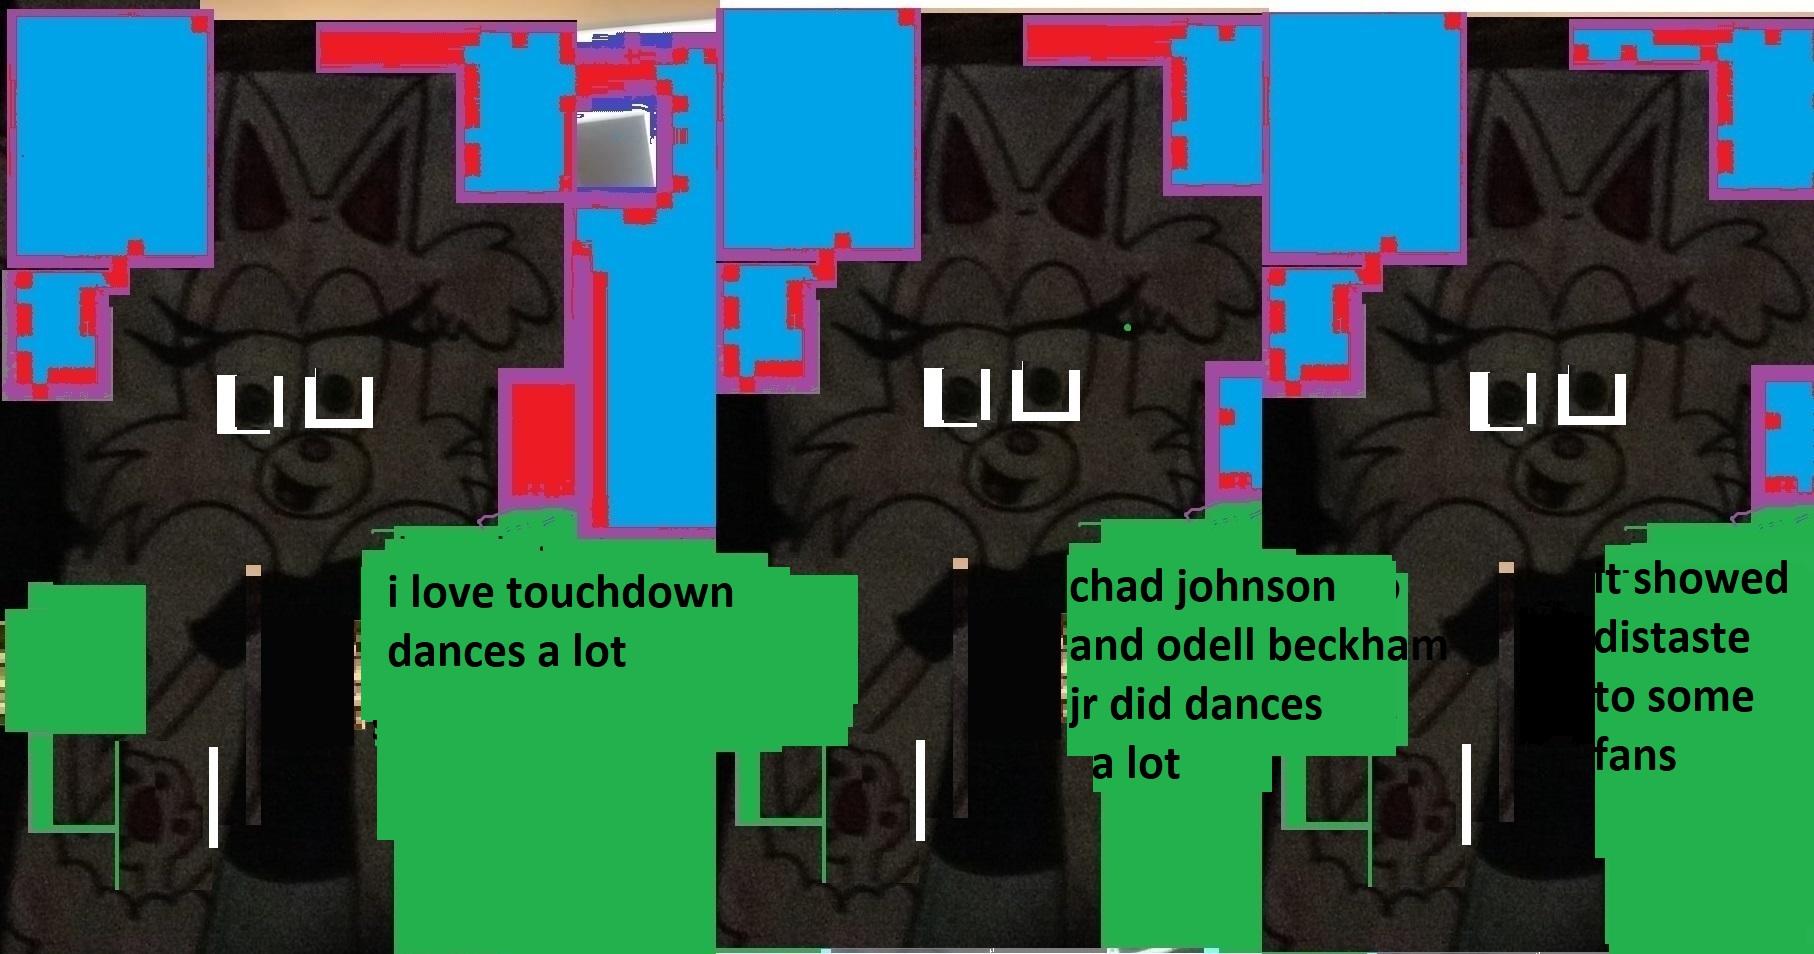 touchdowndances